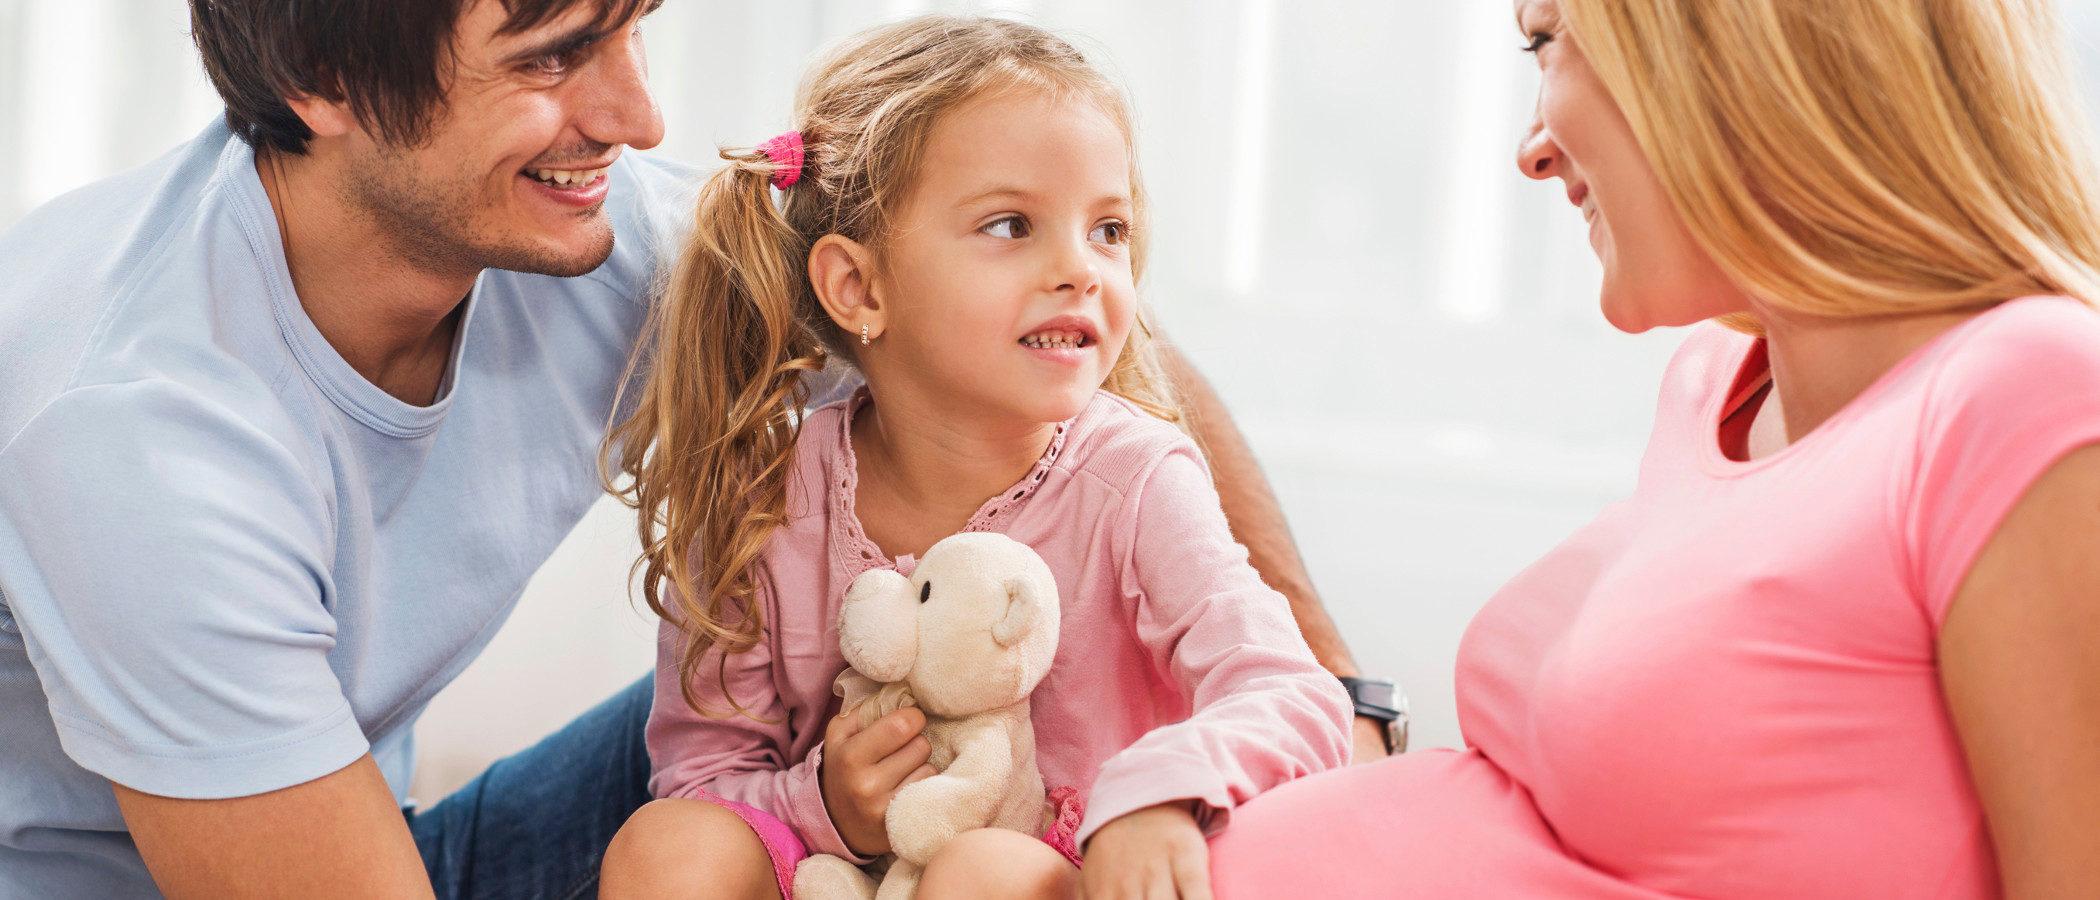 7 consejos para apoyar a la futura mamá durante el embarazo